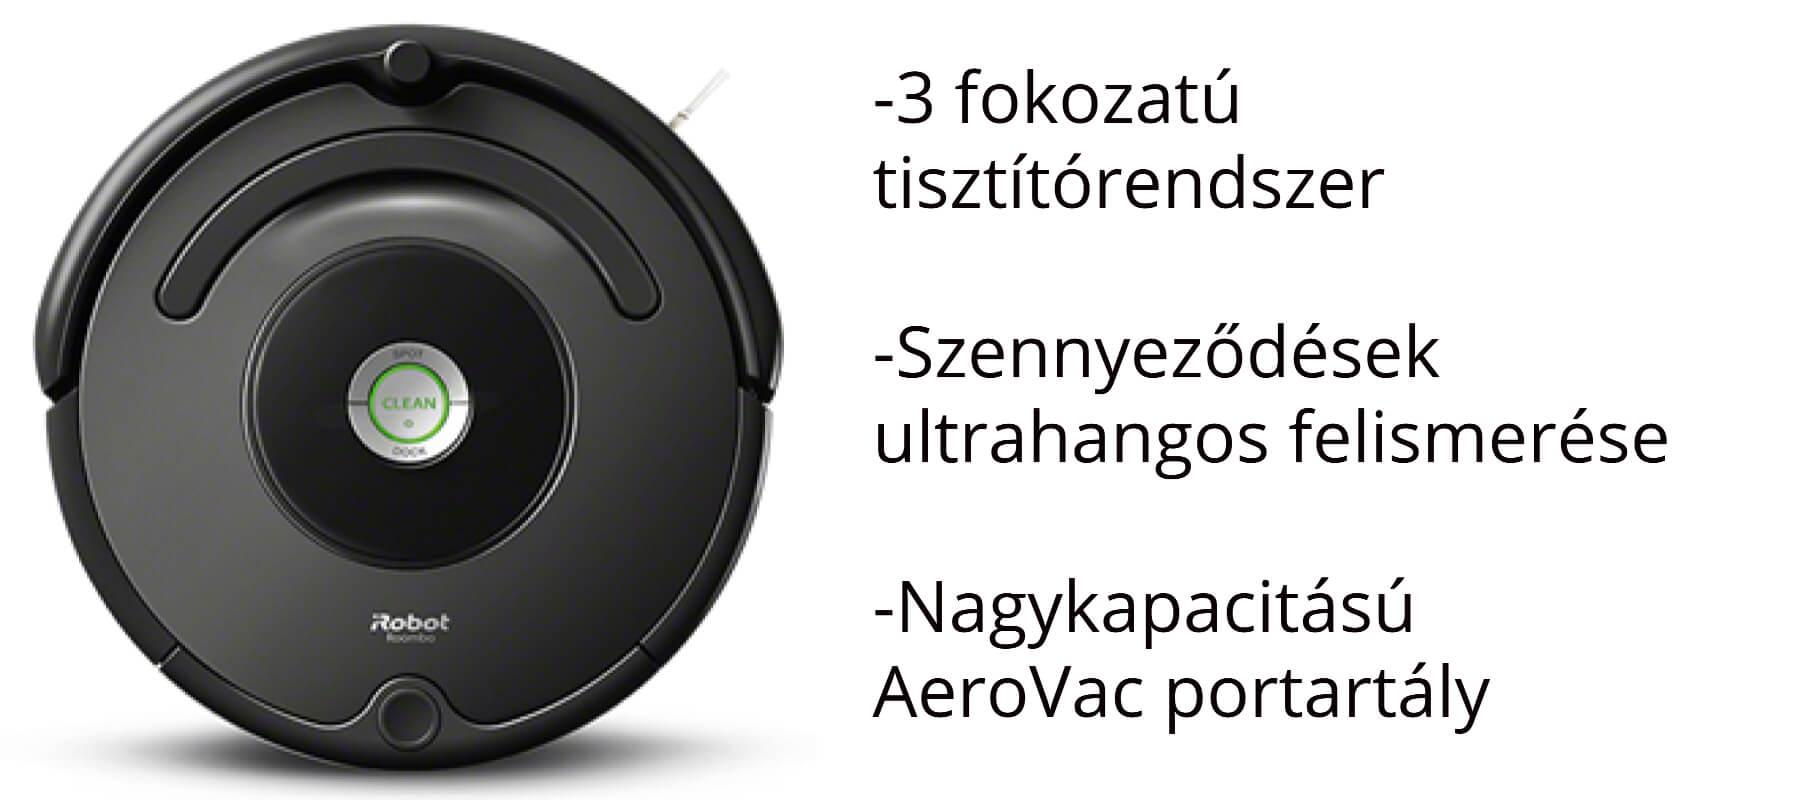 iRobot Roomba 676 robotporszívó